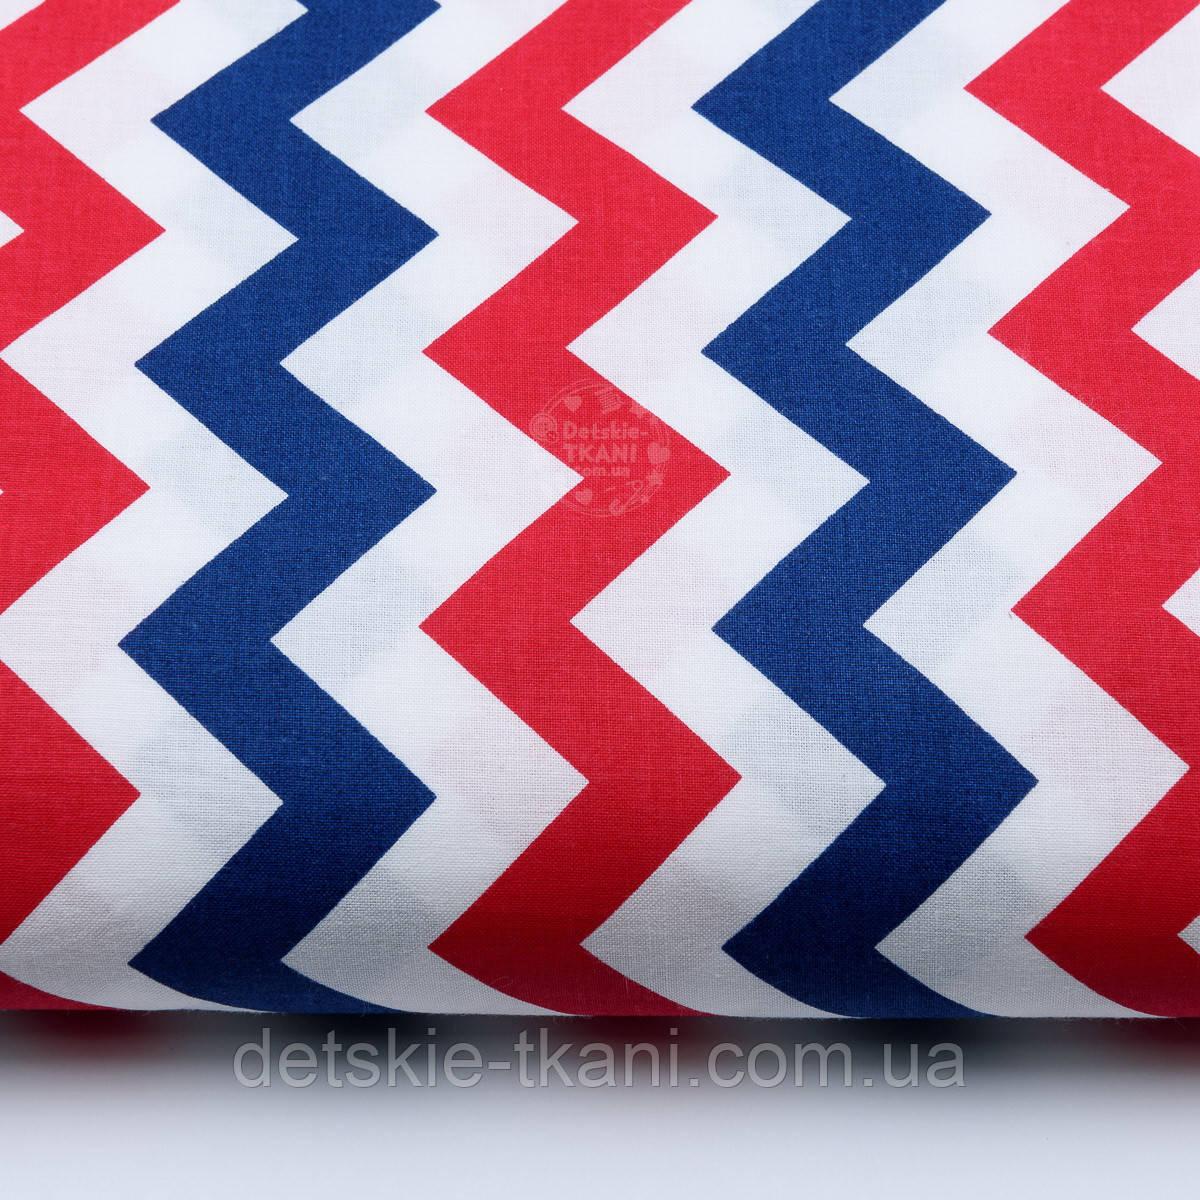 Ткань хлопковая с широким сине-красным зигзагом № 428